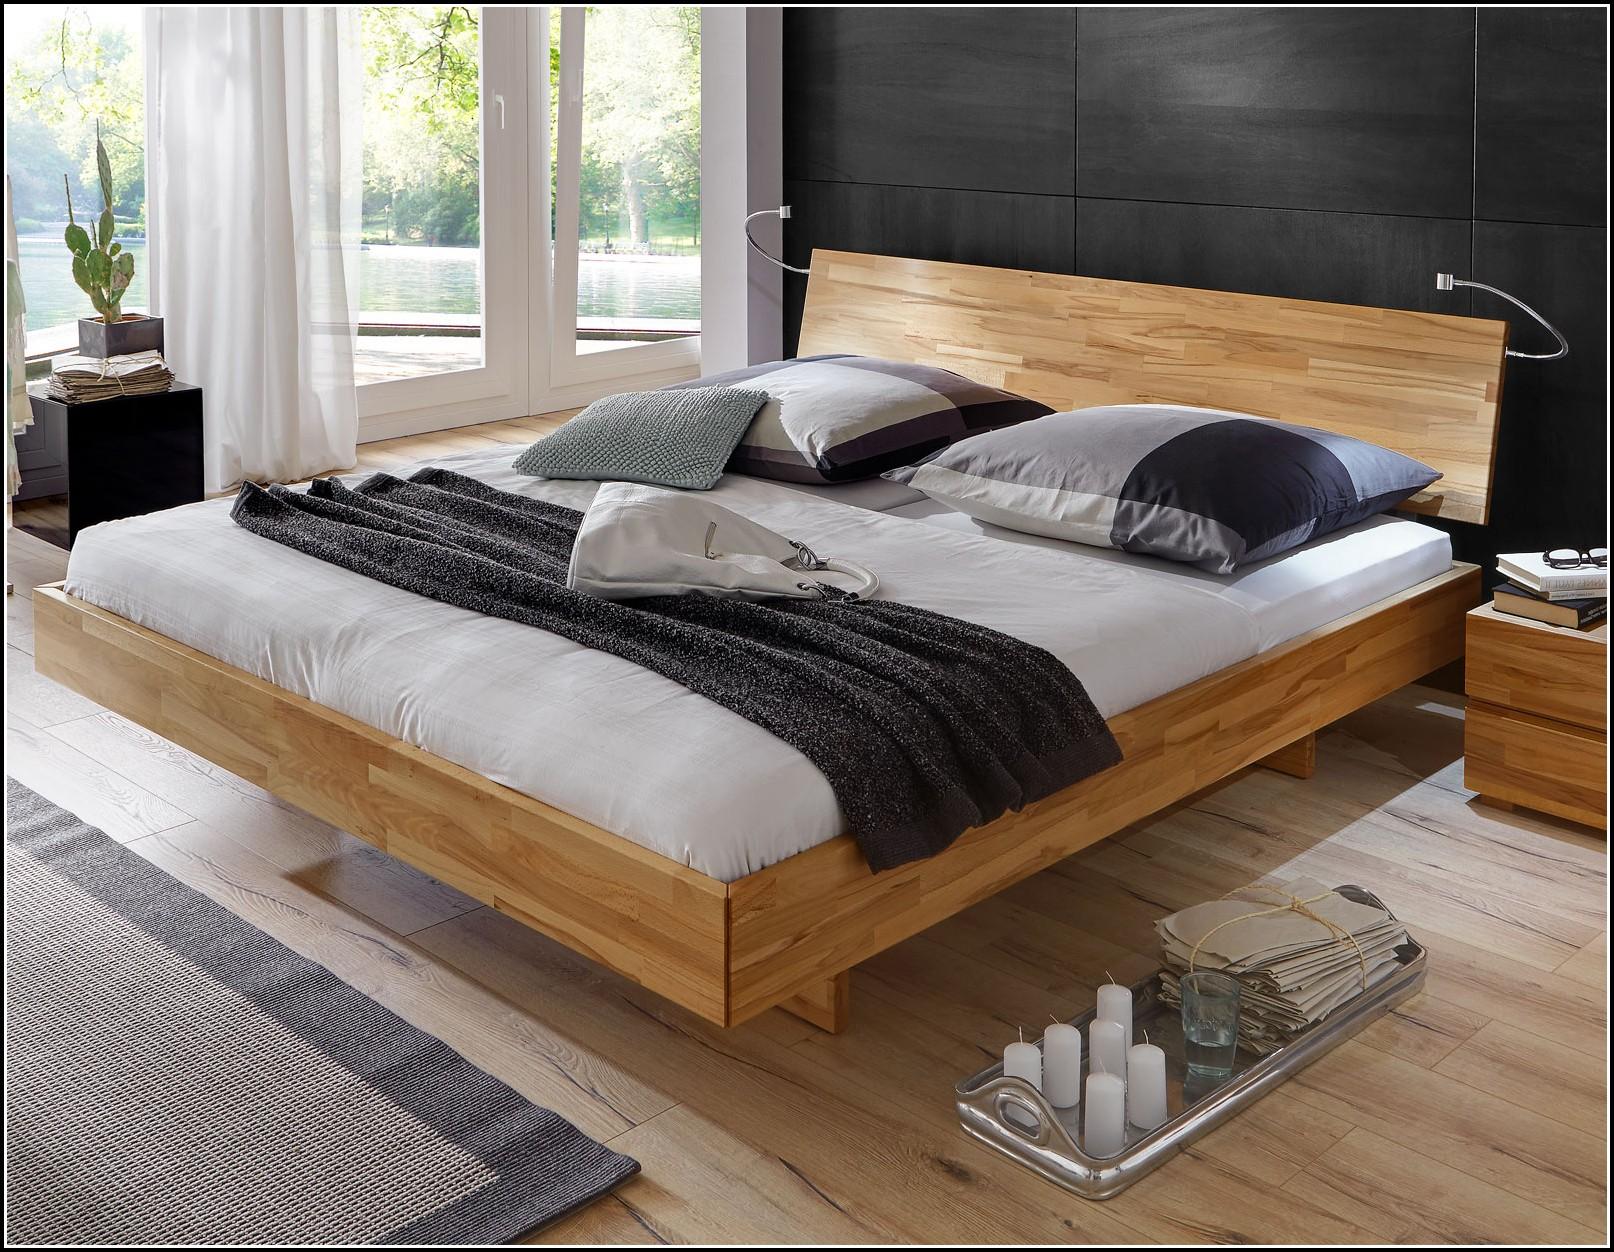 Full Size of Jabo Betten Weißes Bett 140x200 Eiche Sonoma Kaufen 120x200 Mit Bettkasten 180x200 Komplett Lattenrost Und Matratze 90x200 Weiß Hohes Holz Designer Zum Bett Bett 200x200 Weiß